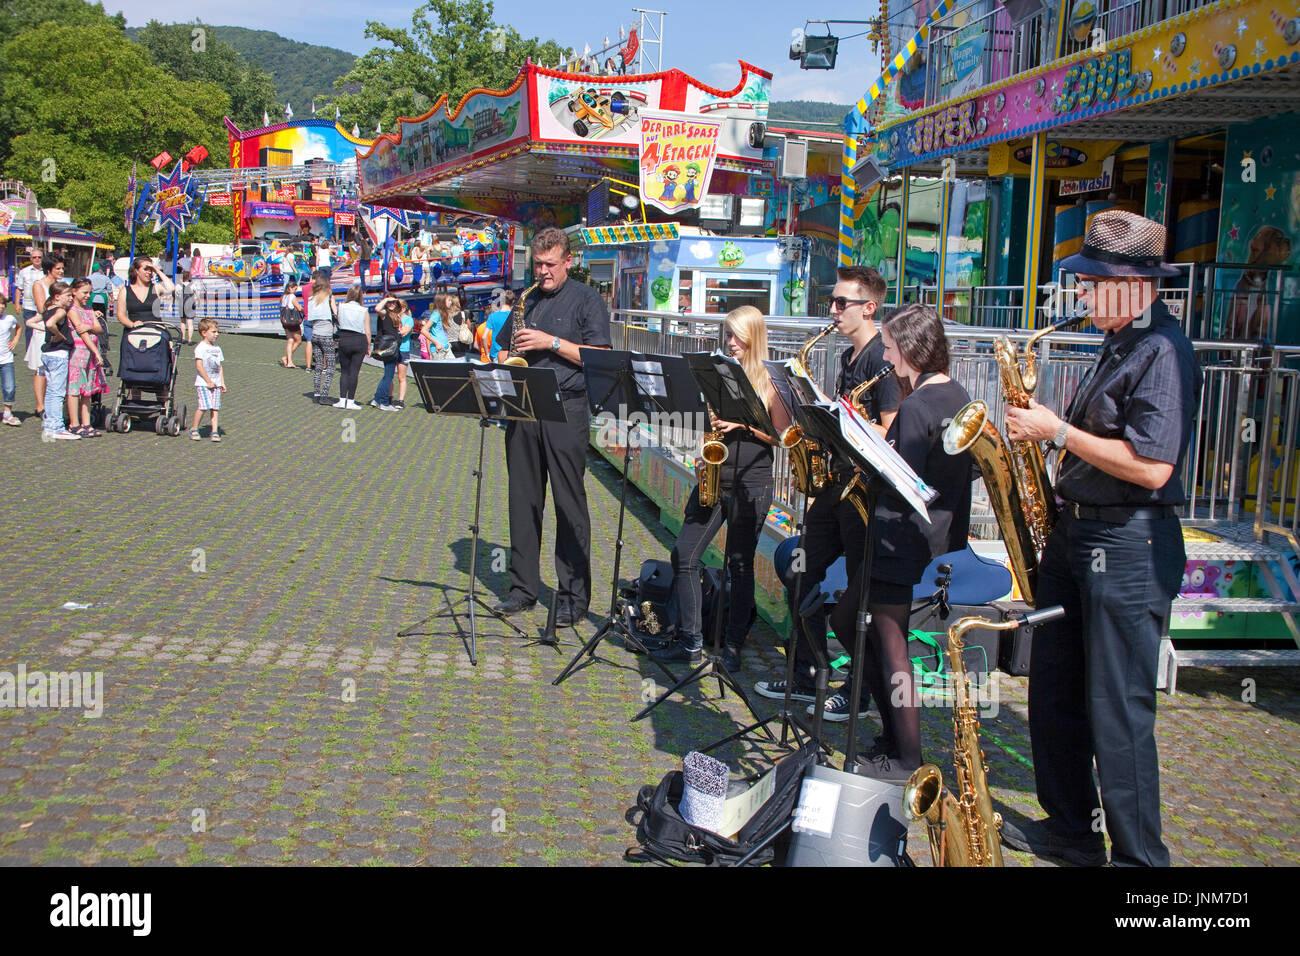 Musikband spielt zur Eröffnung der Kirmes in Bernkastel-Kues, Mittelmosel, Rheinland-Pfalz, Landkreis Bernkastel-Wittlich, Deutschland, Europa | Musi - Stock Image